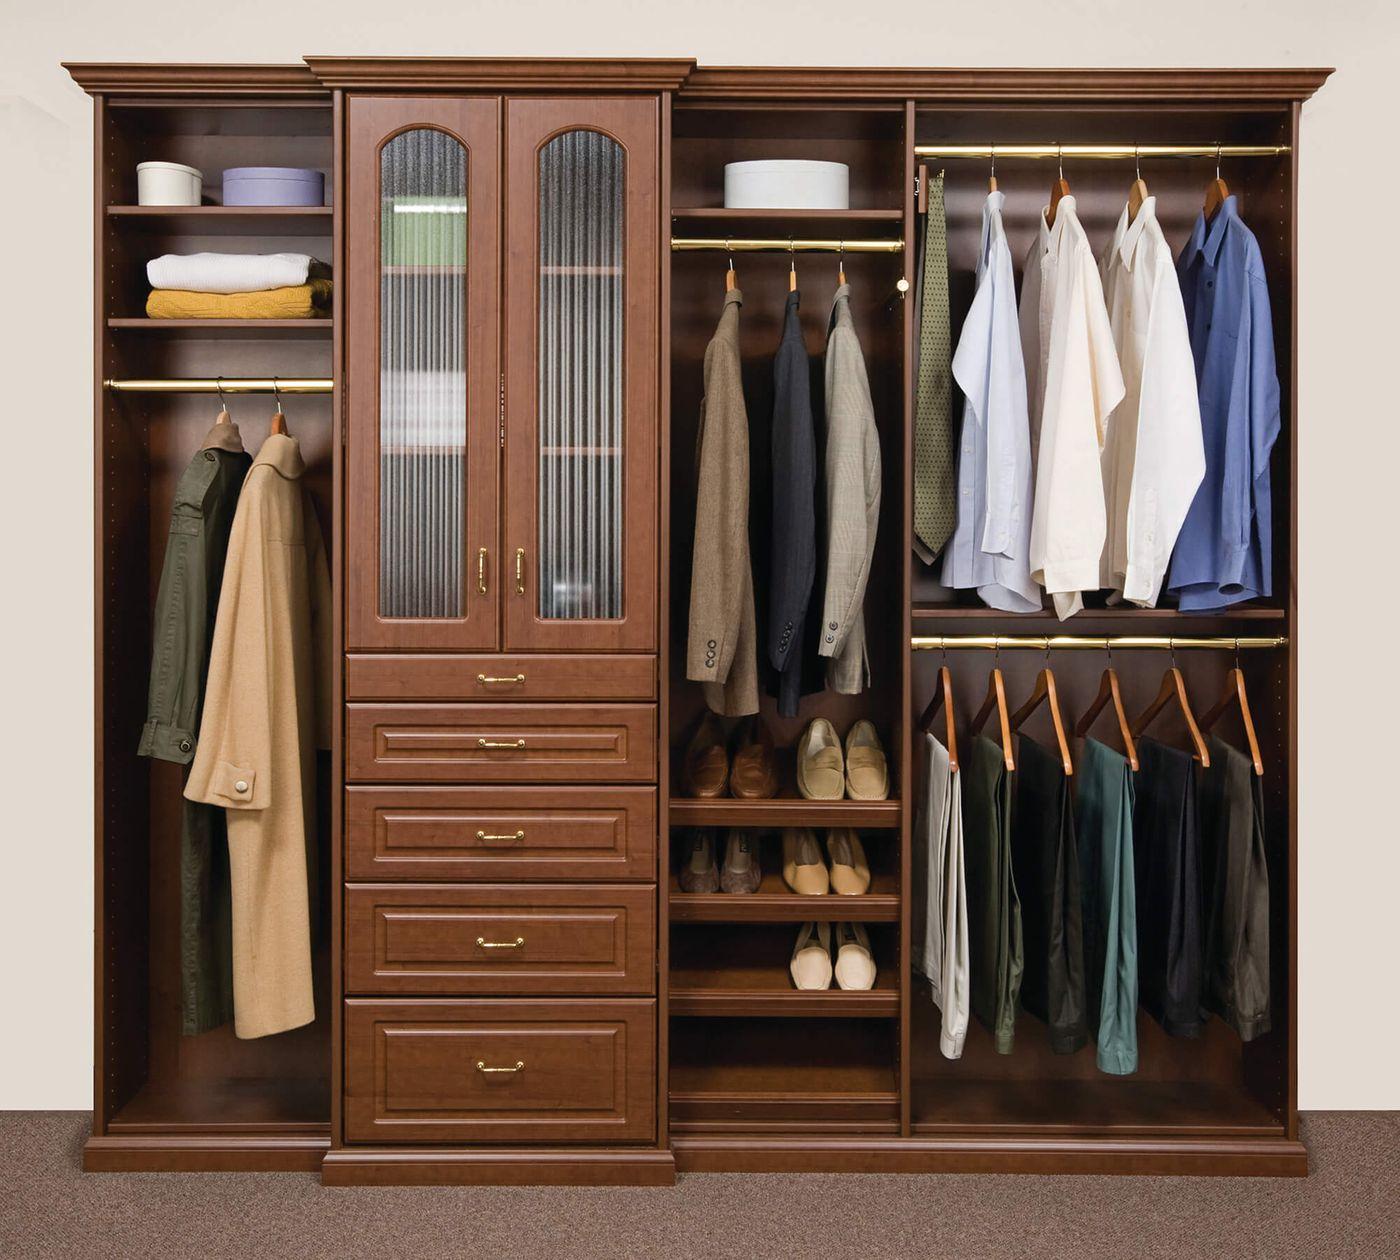 Closet-1-CBD-2008.jpg